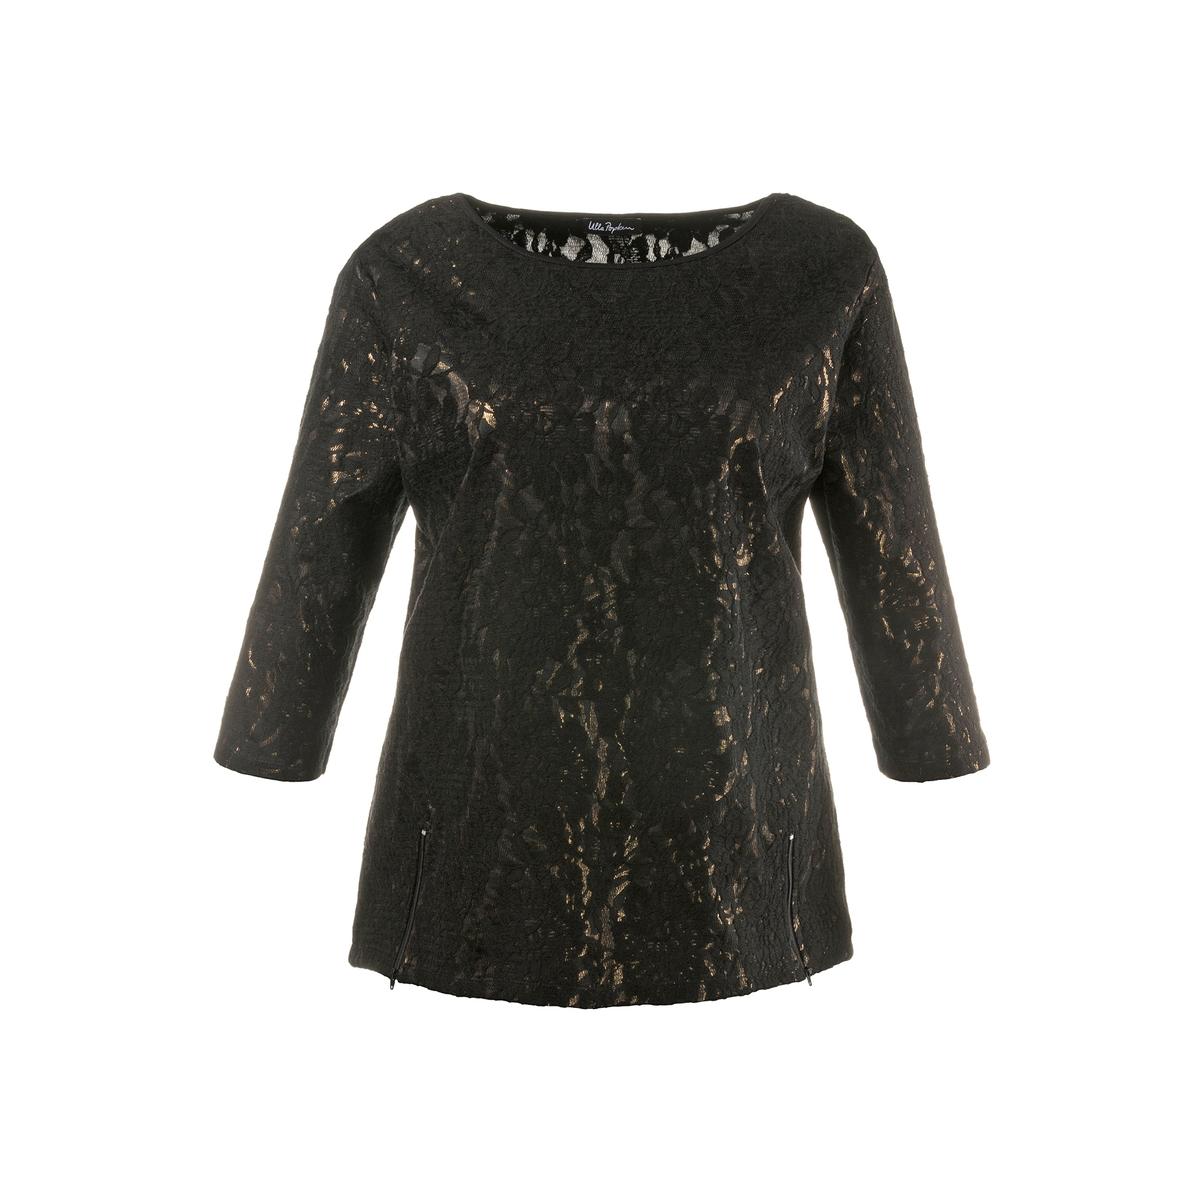 ПуловерыПуловер-свитшот с модным металлическим отливом и кружевом . Свободный закругленный вырез . Закругленный низ с застежкой на молнию, спинка длиннее на 6 см. . Рукава 3/4. Длина, в зависимости от размера, от 72 до 82 см.<br><br>Цвет: черный